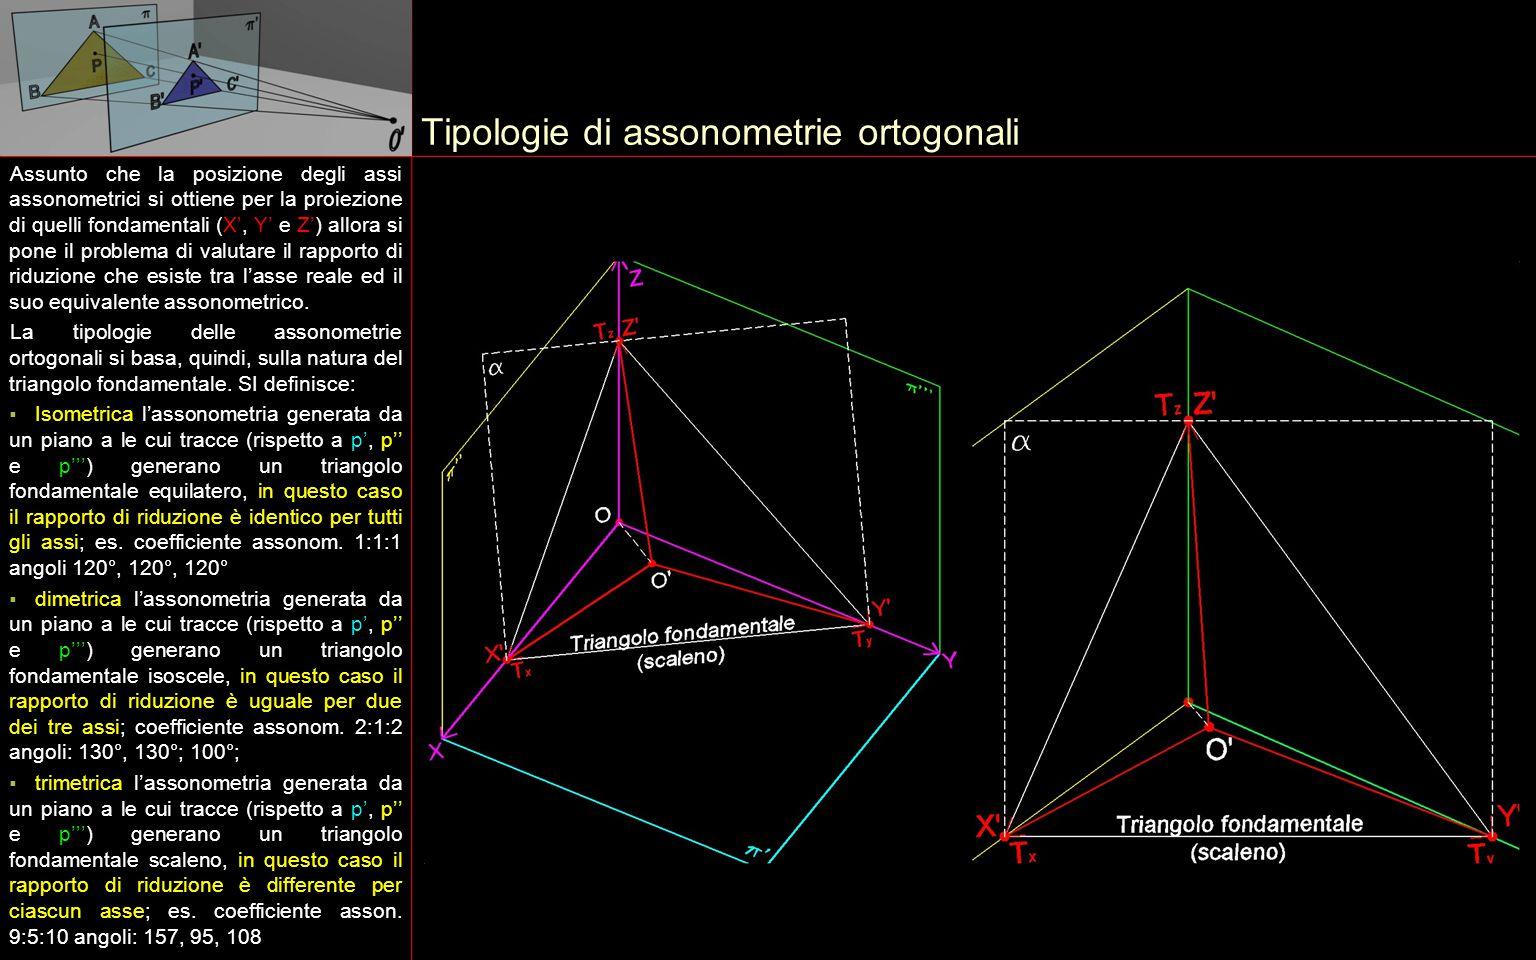 Assonometria ortogonale: costruzione grafica Si consideri il piano di proiezione assonometrico coincidente con il foglio di lavoro (costruzione 2D) e si tracci un generico triangolo fondamentale.